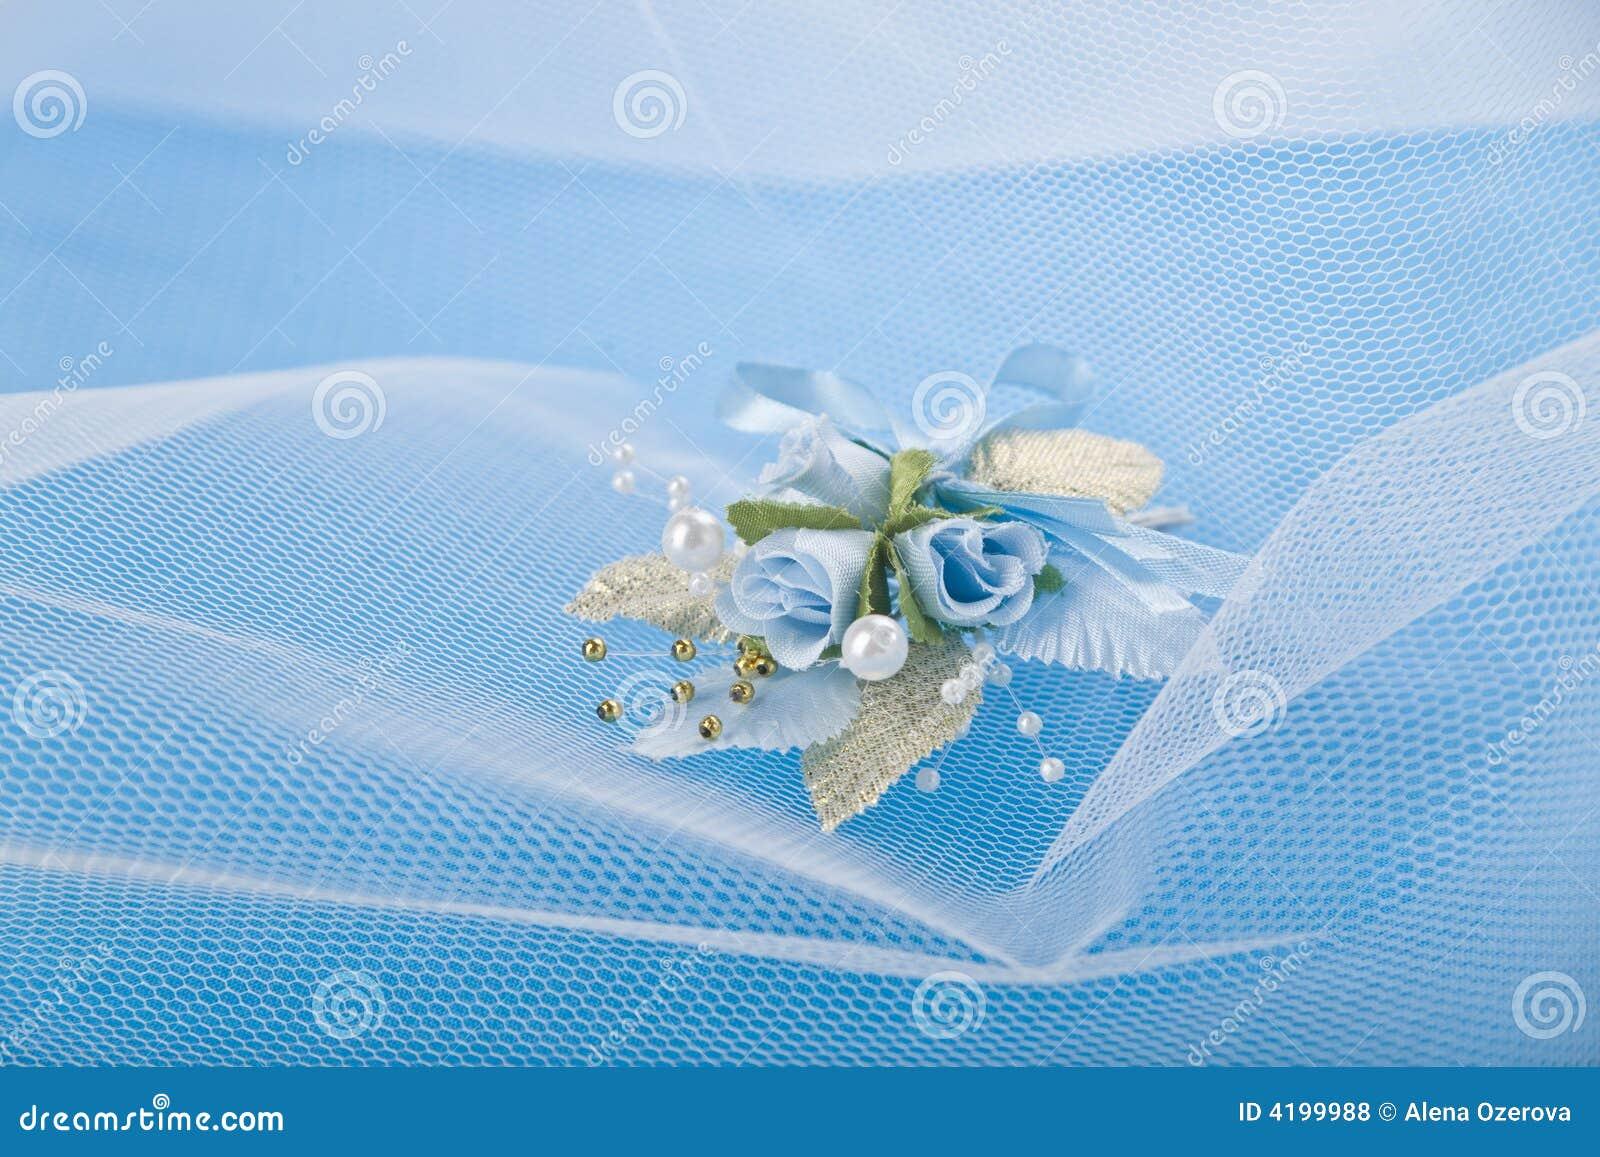 wedding background stock photography - photo #12